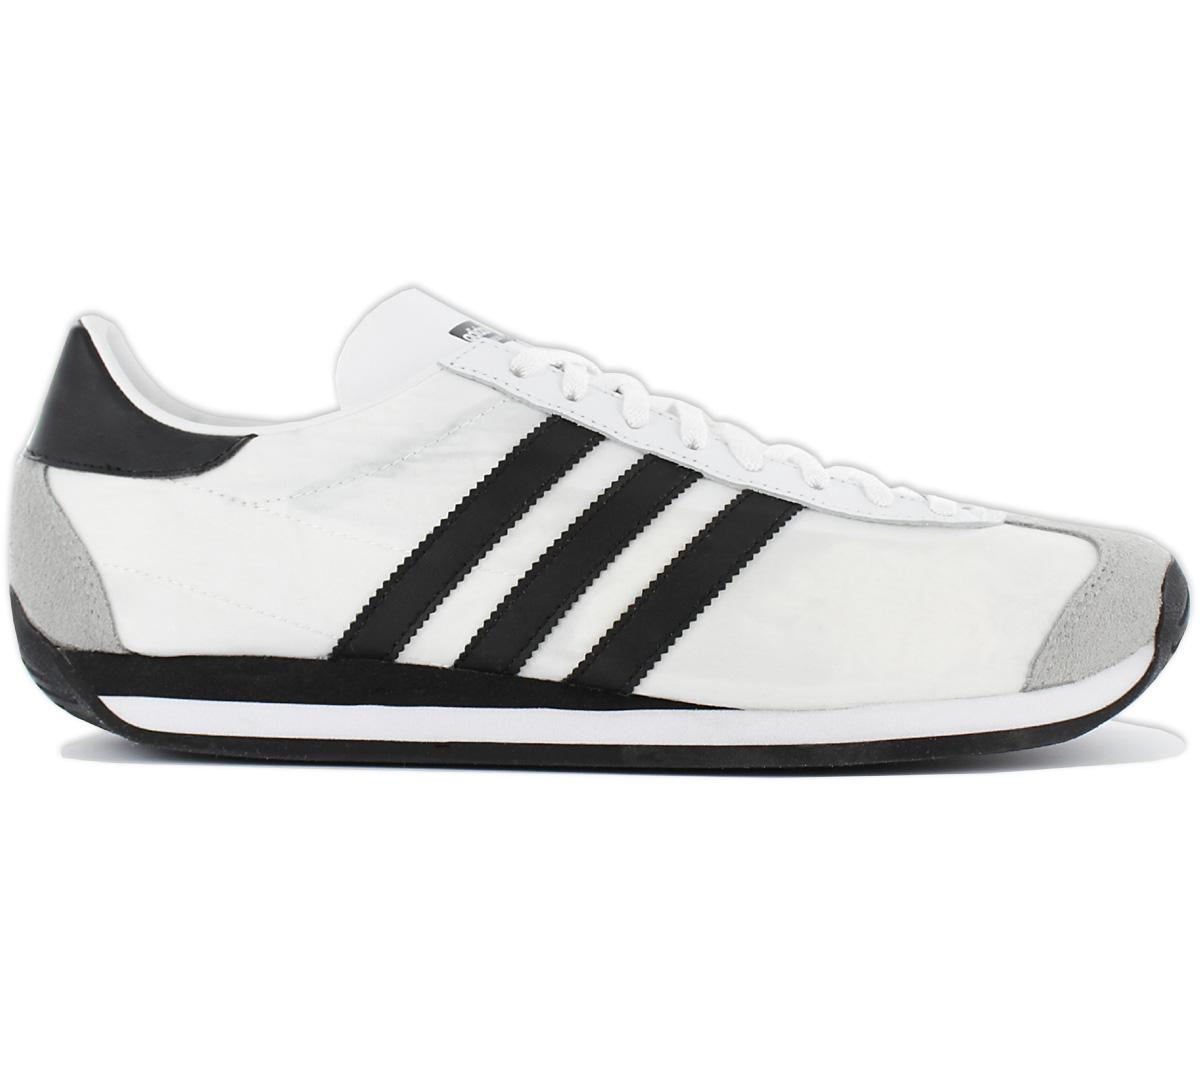 Turnschuhe Schuhe Herren Adidas Freizeit Sneaker Retro